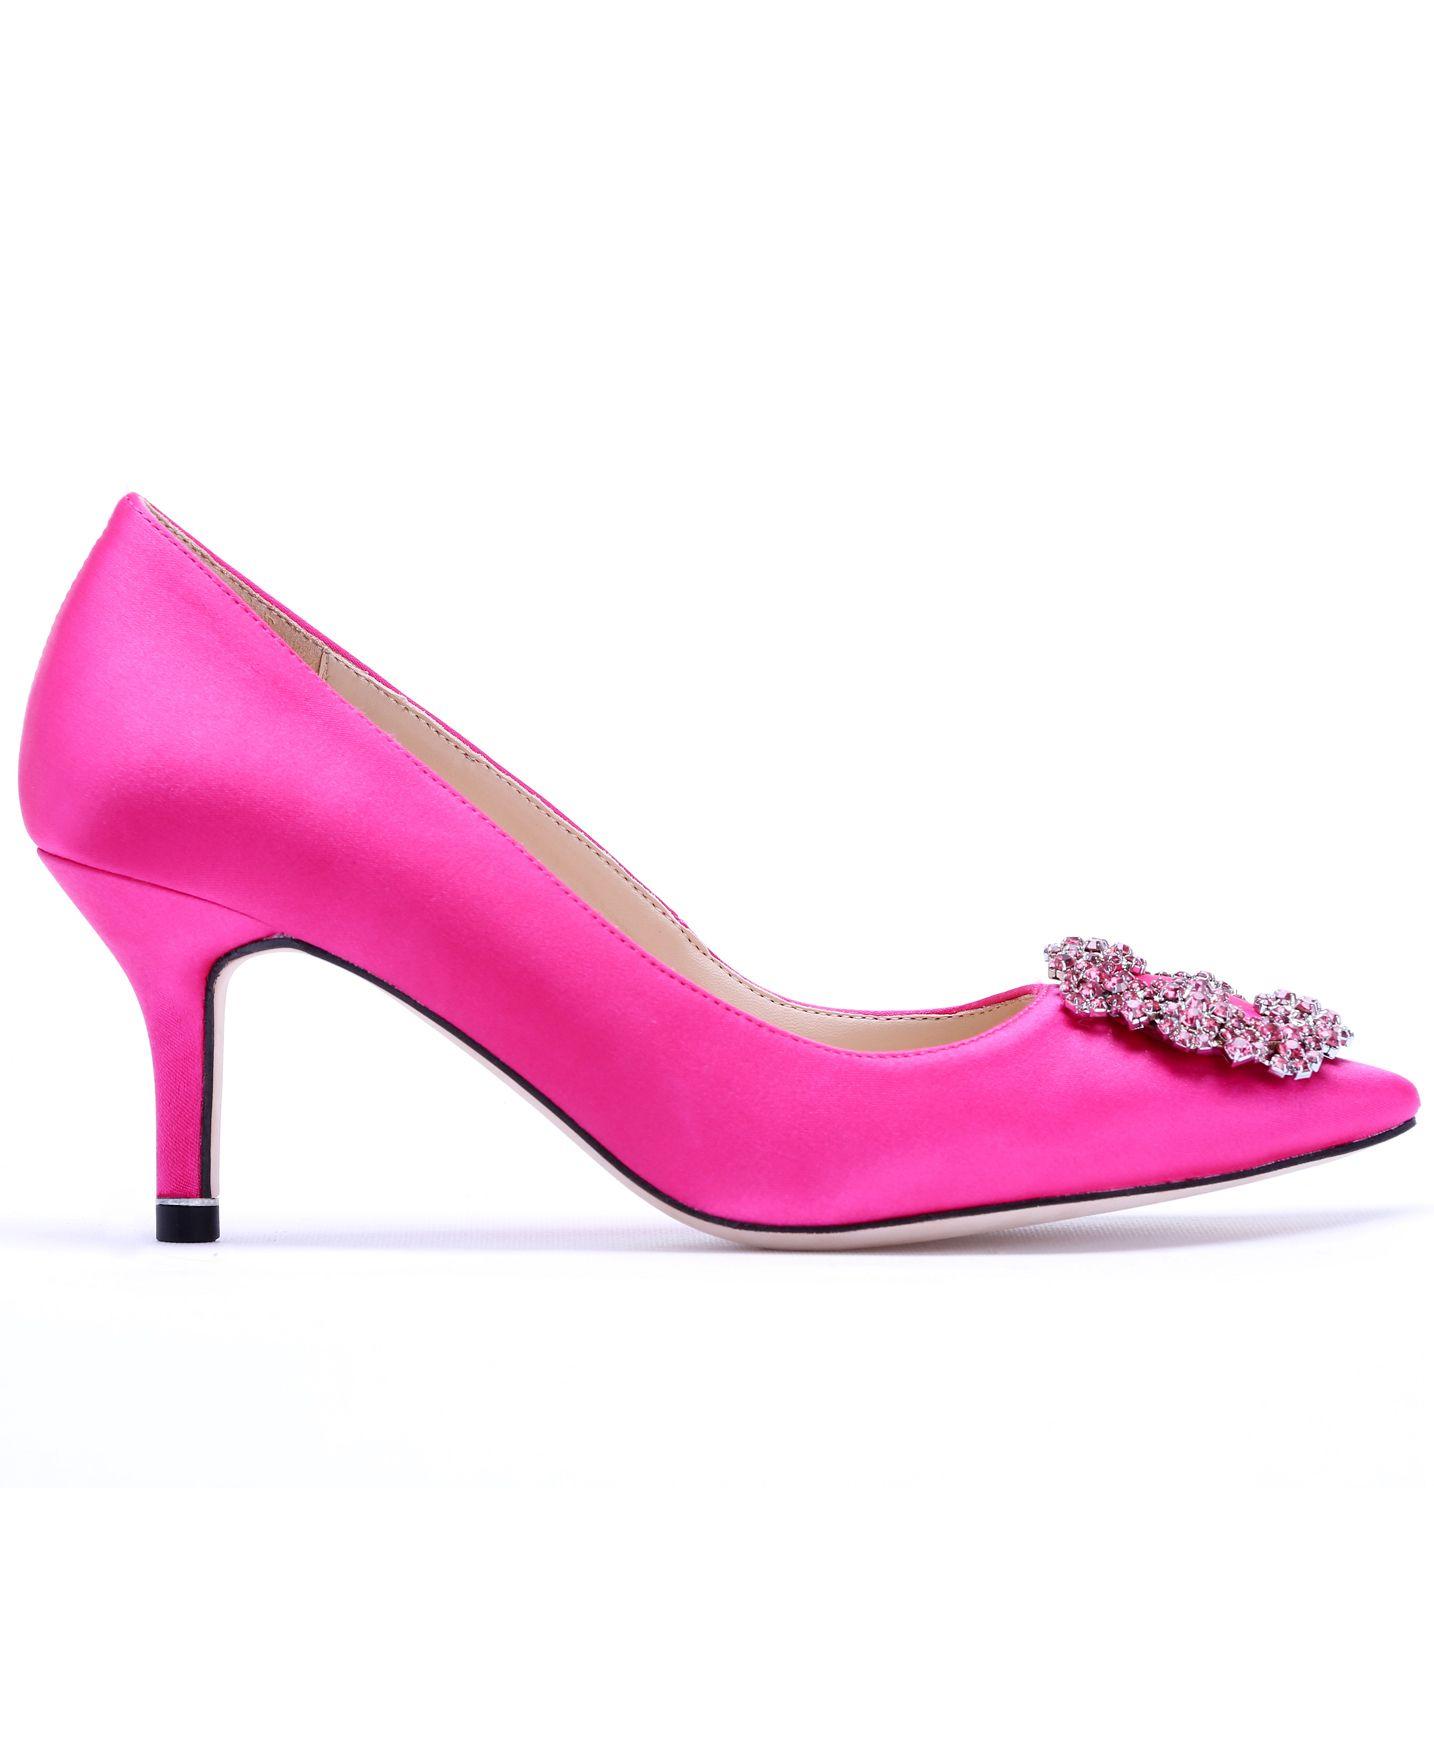 Lujoso Zapatos De Tacón Alto Para El Vestido De Novia ...